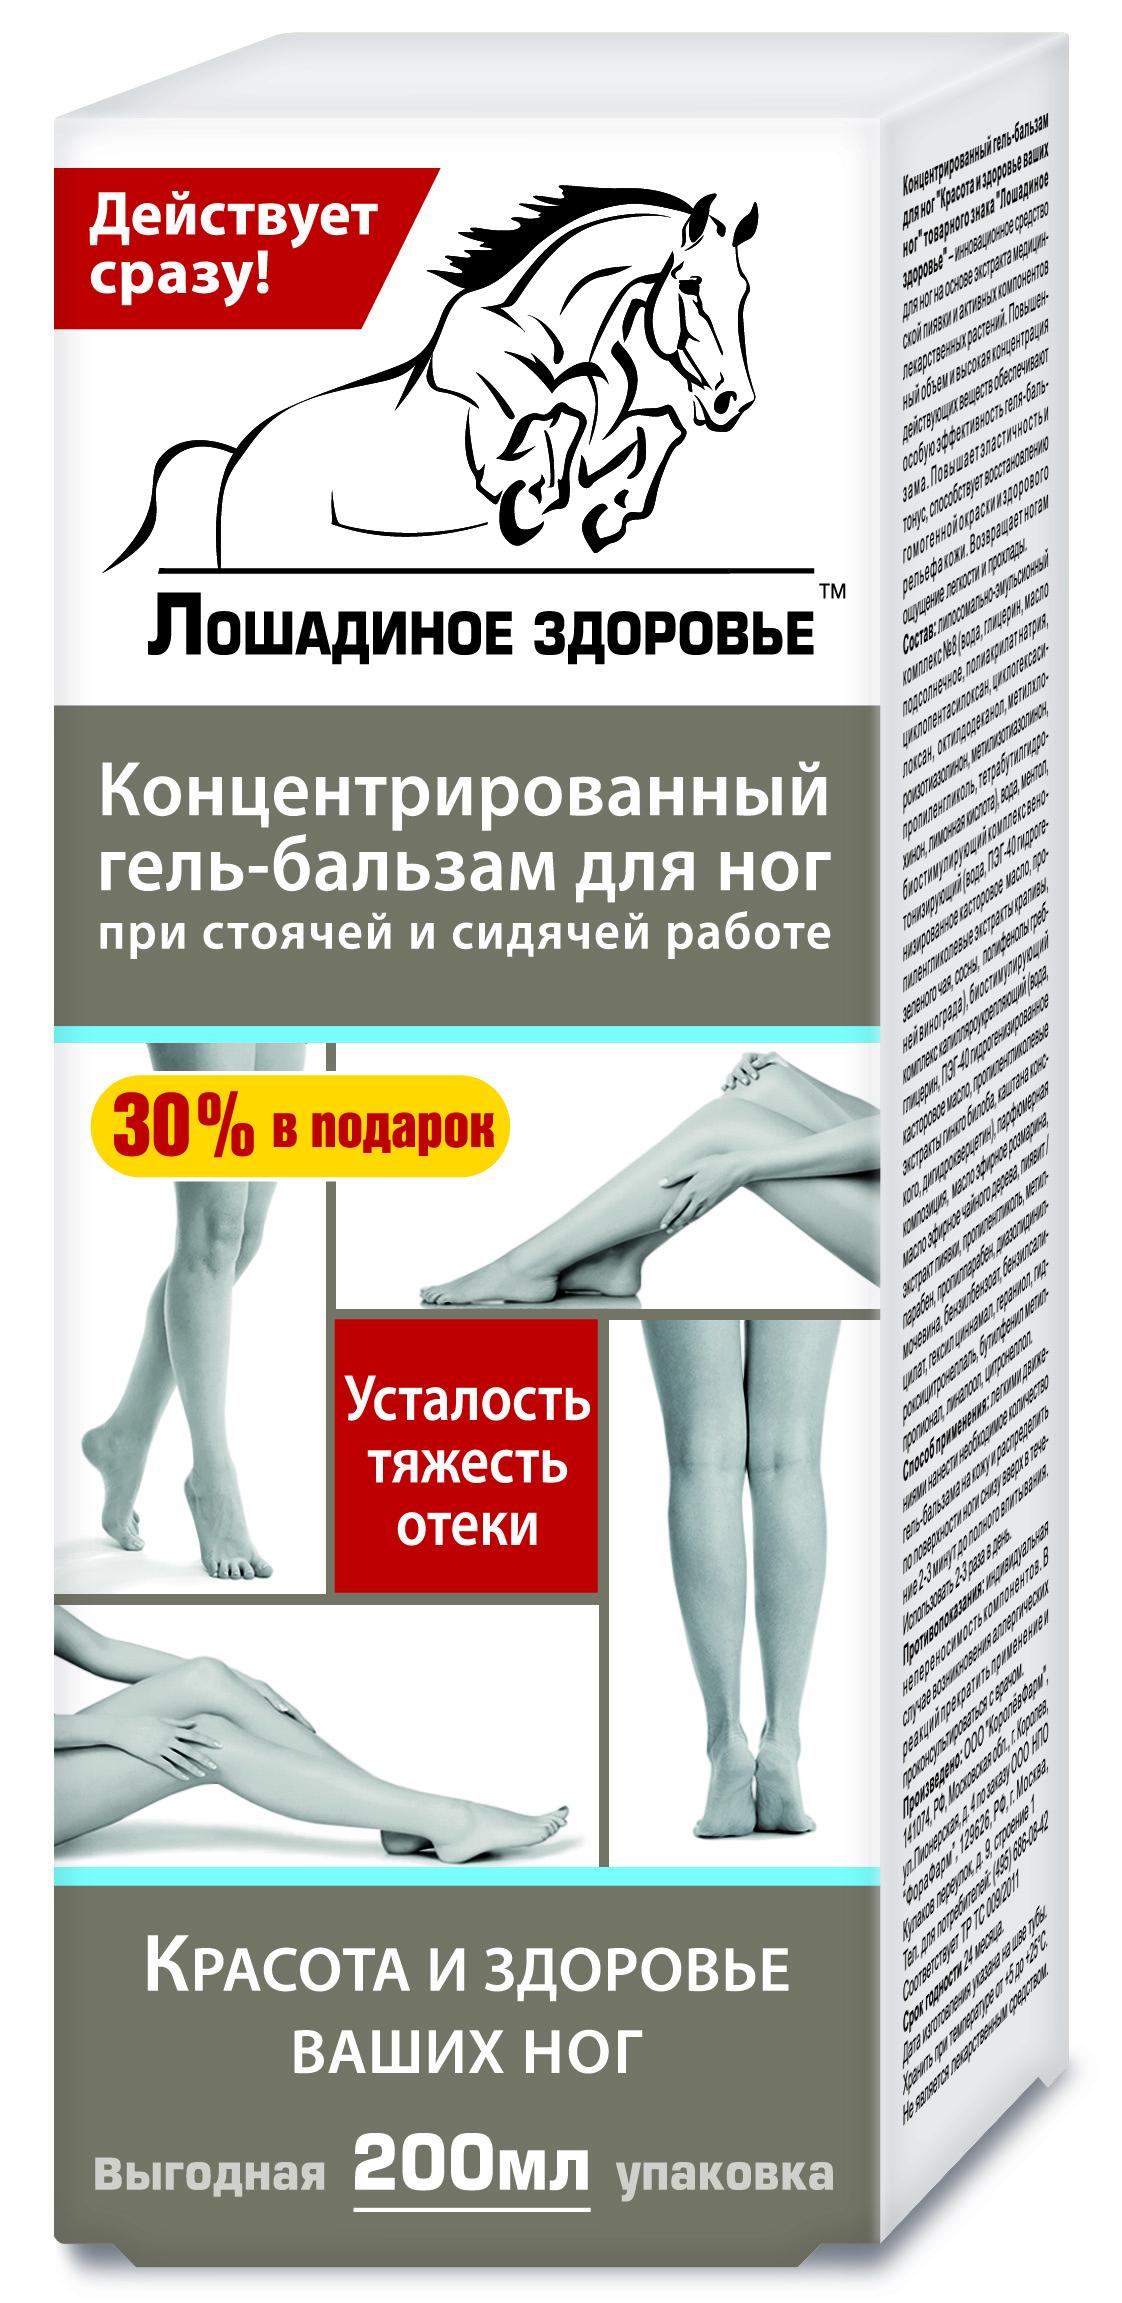 Гель бальзам для ног Лошадиное здоровье